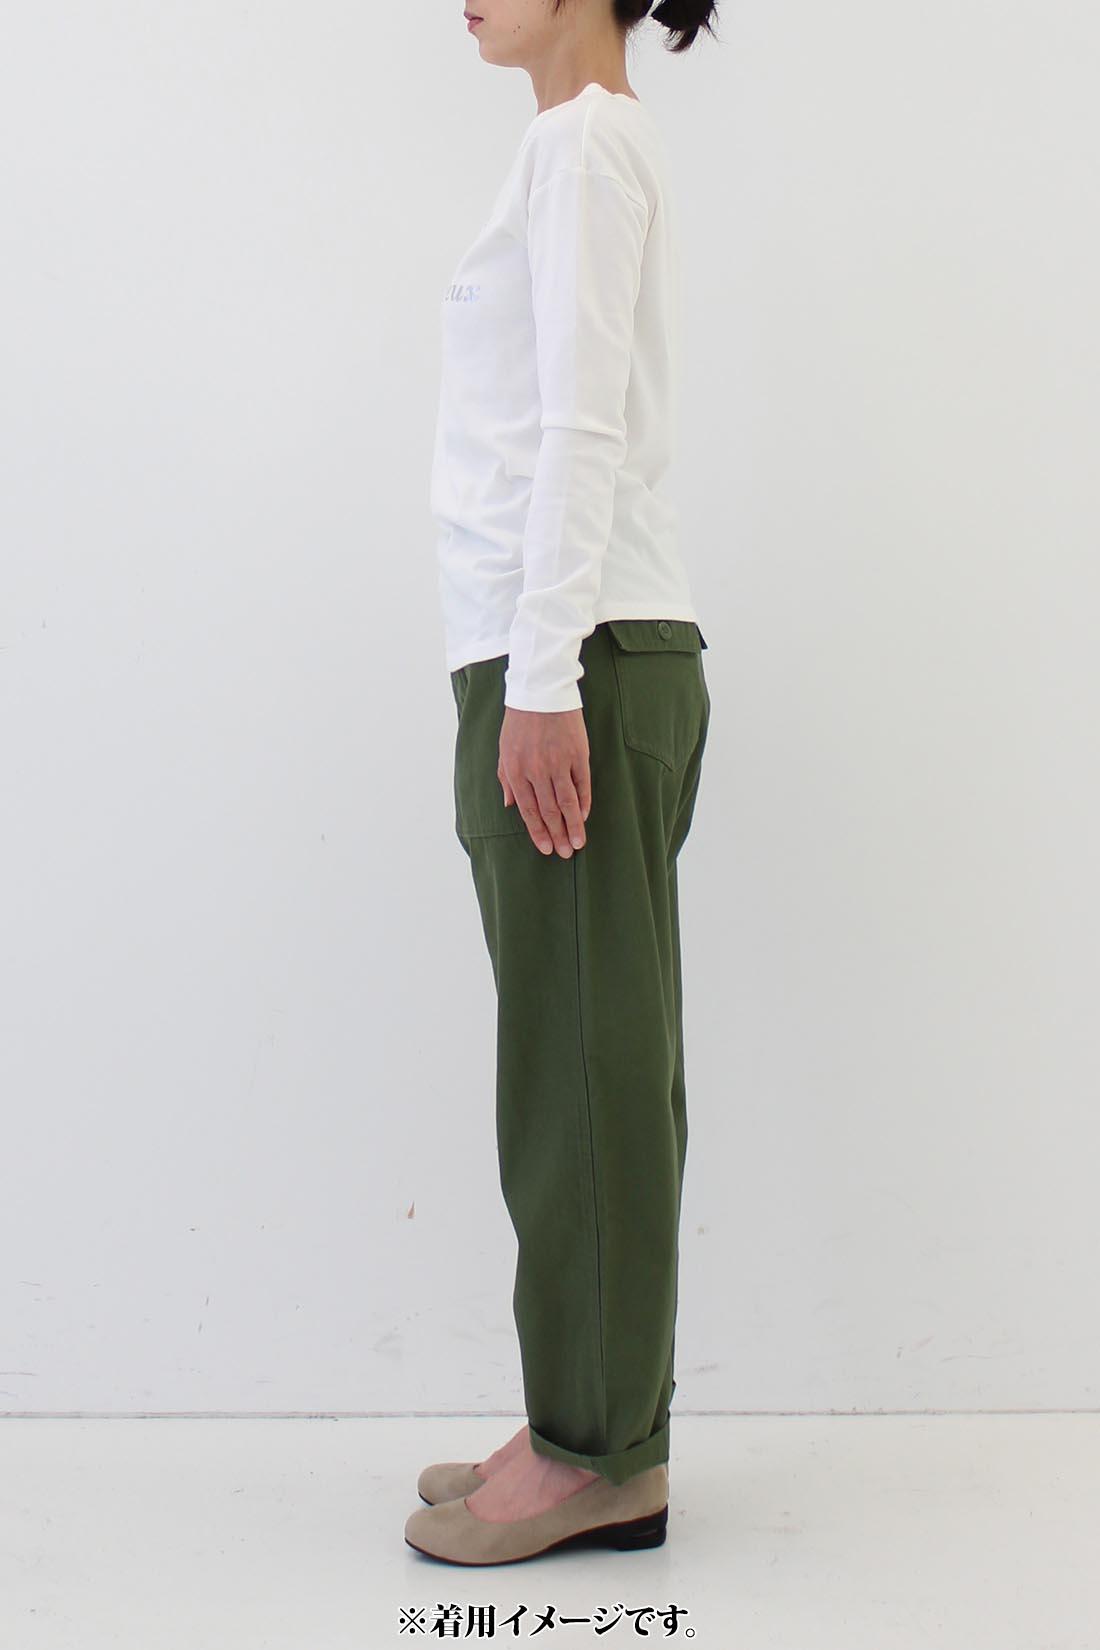 ★身長159cm・7サイズ(64)着用 ※着用イメージです。お届けするカラーとは異なります。